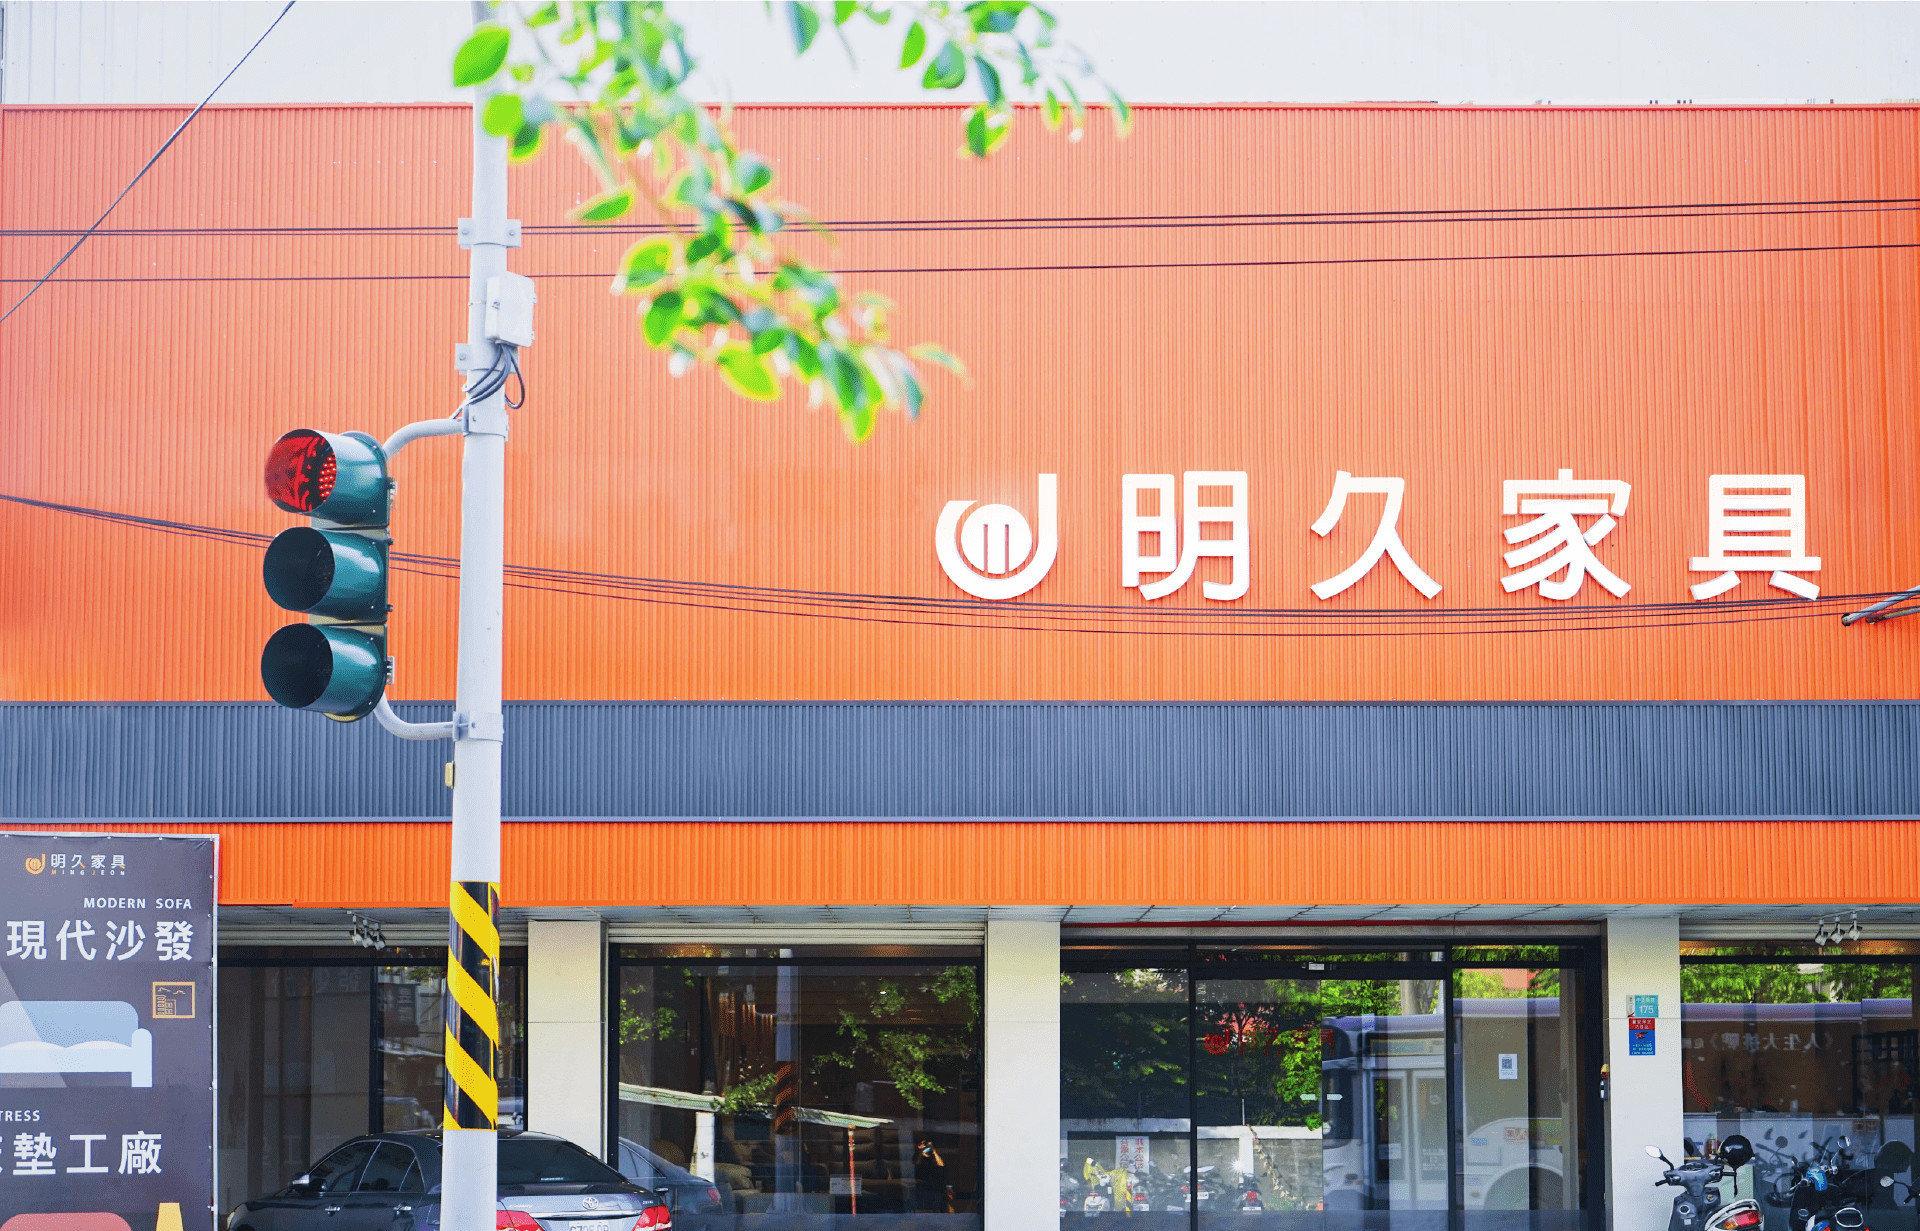 明久家具台南店外觀照